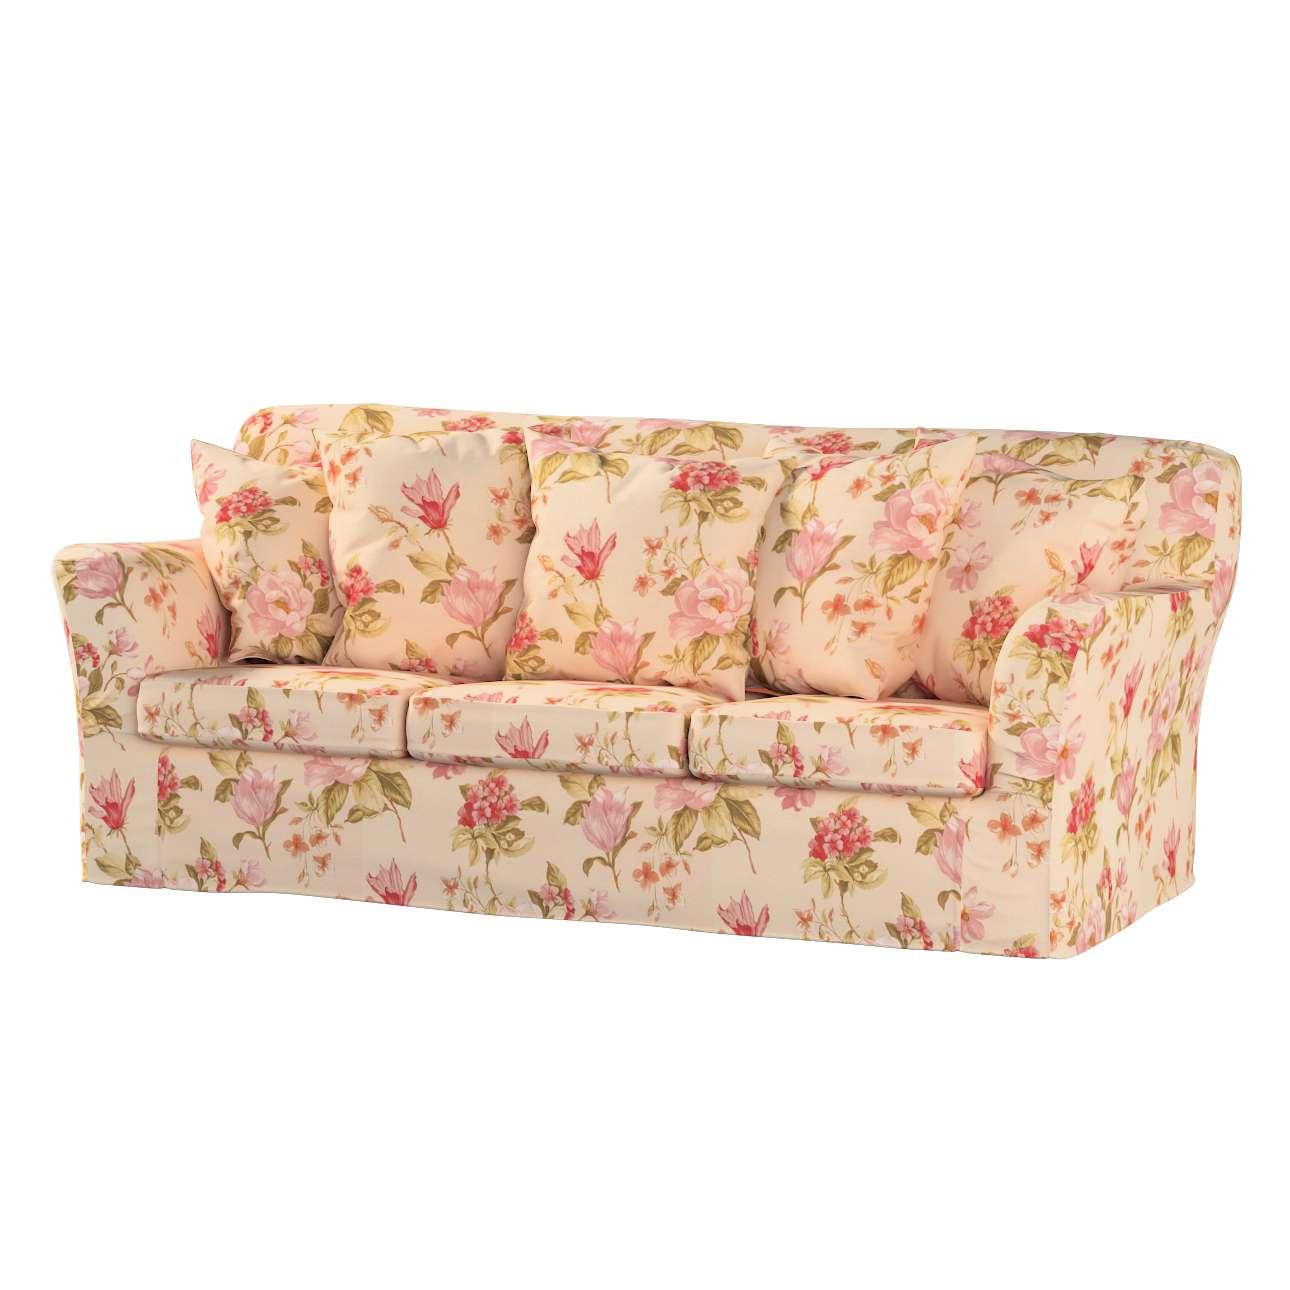 Tomelilla 3-Sitzer Sofabezug nicht ausklappbar Sofahusse, Tomelilla 3-Sitzer von der Kollektion Londres, Stoff: 123-05